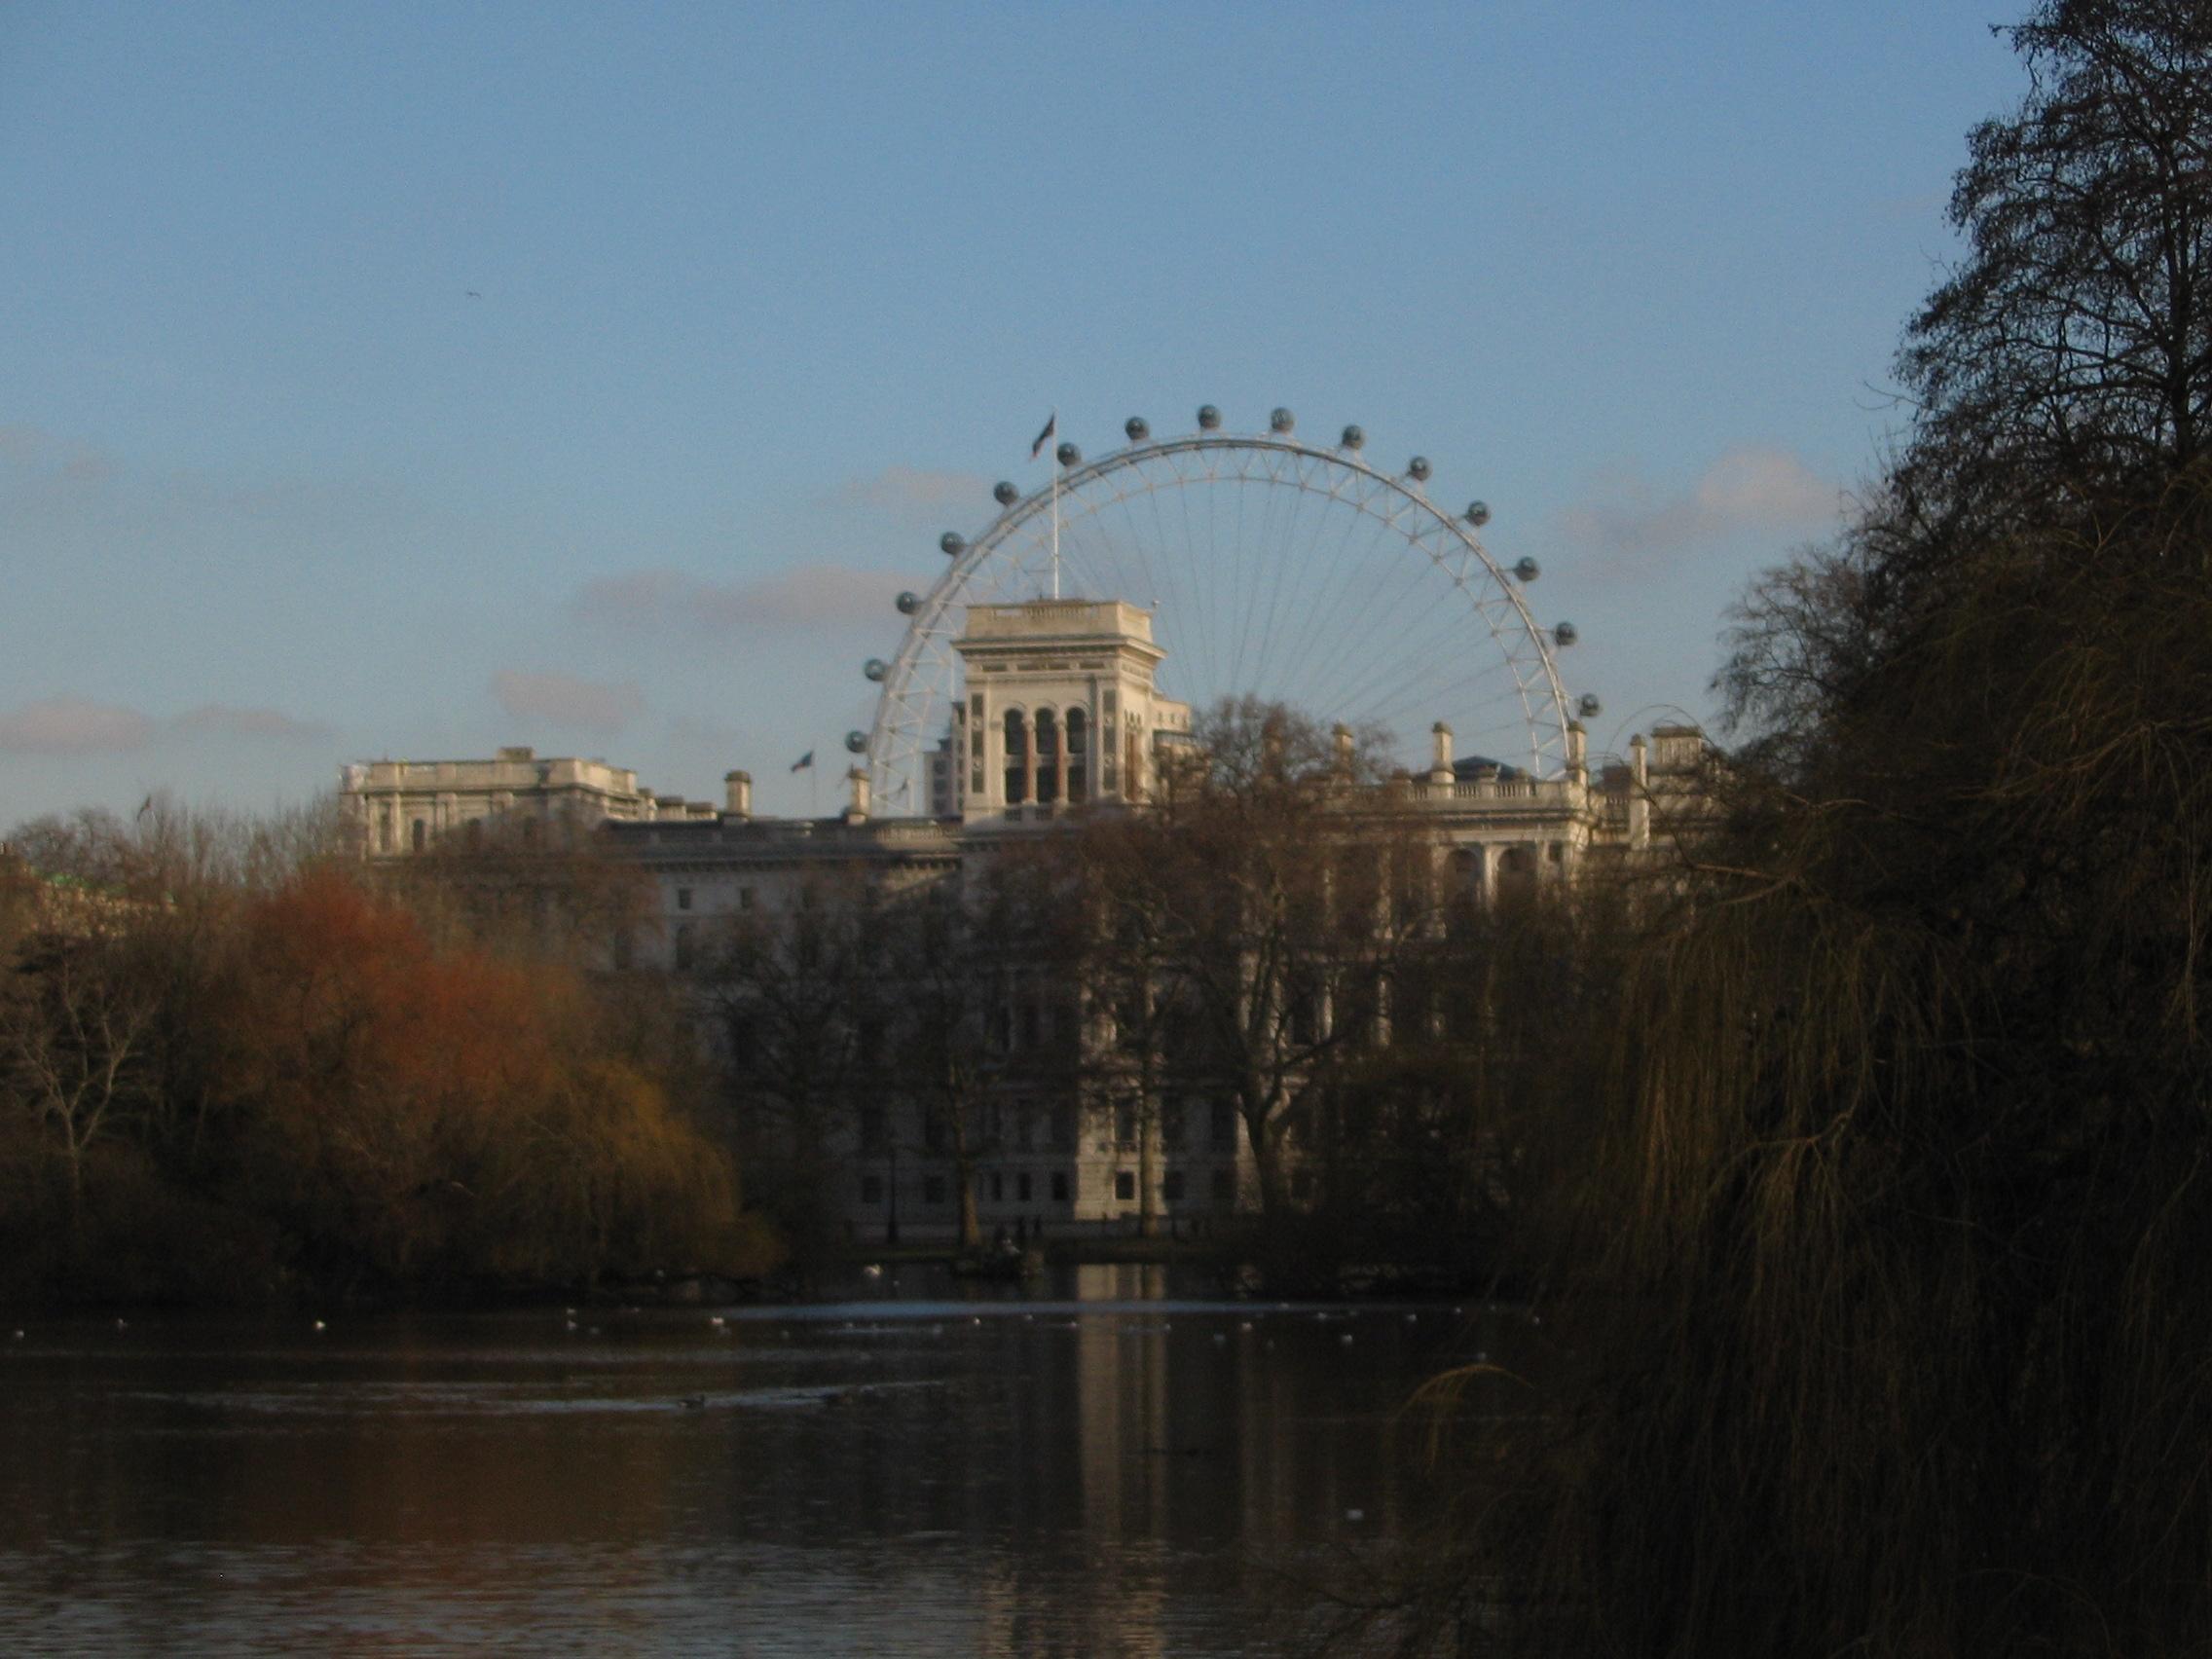 St. James Park & Millenium Wheel, London, UK VHS 2009